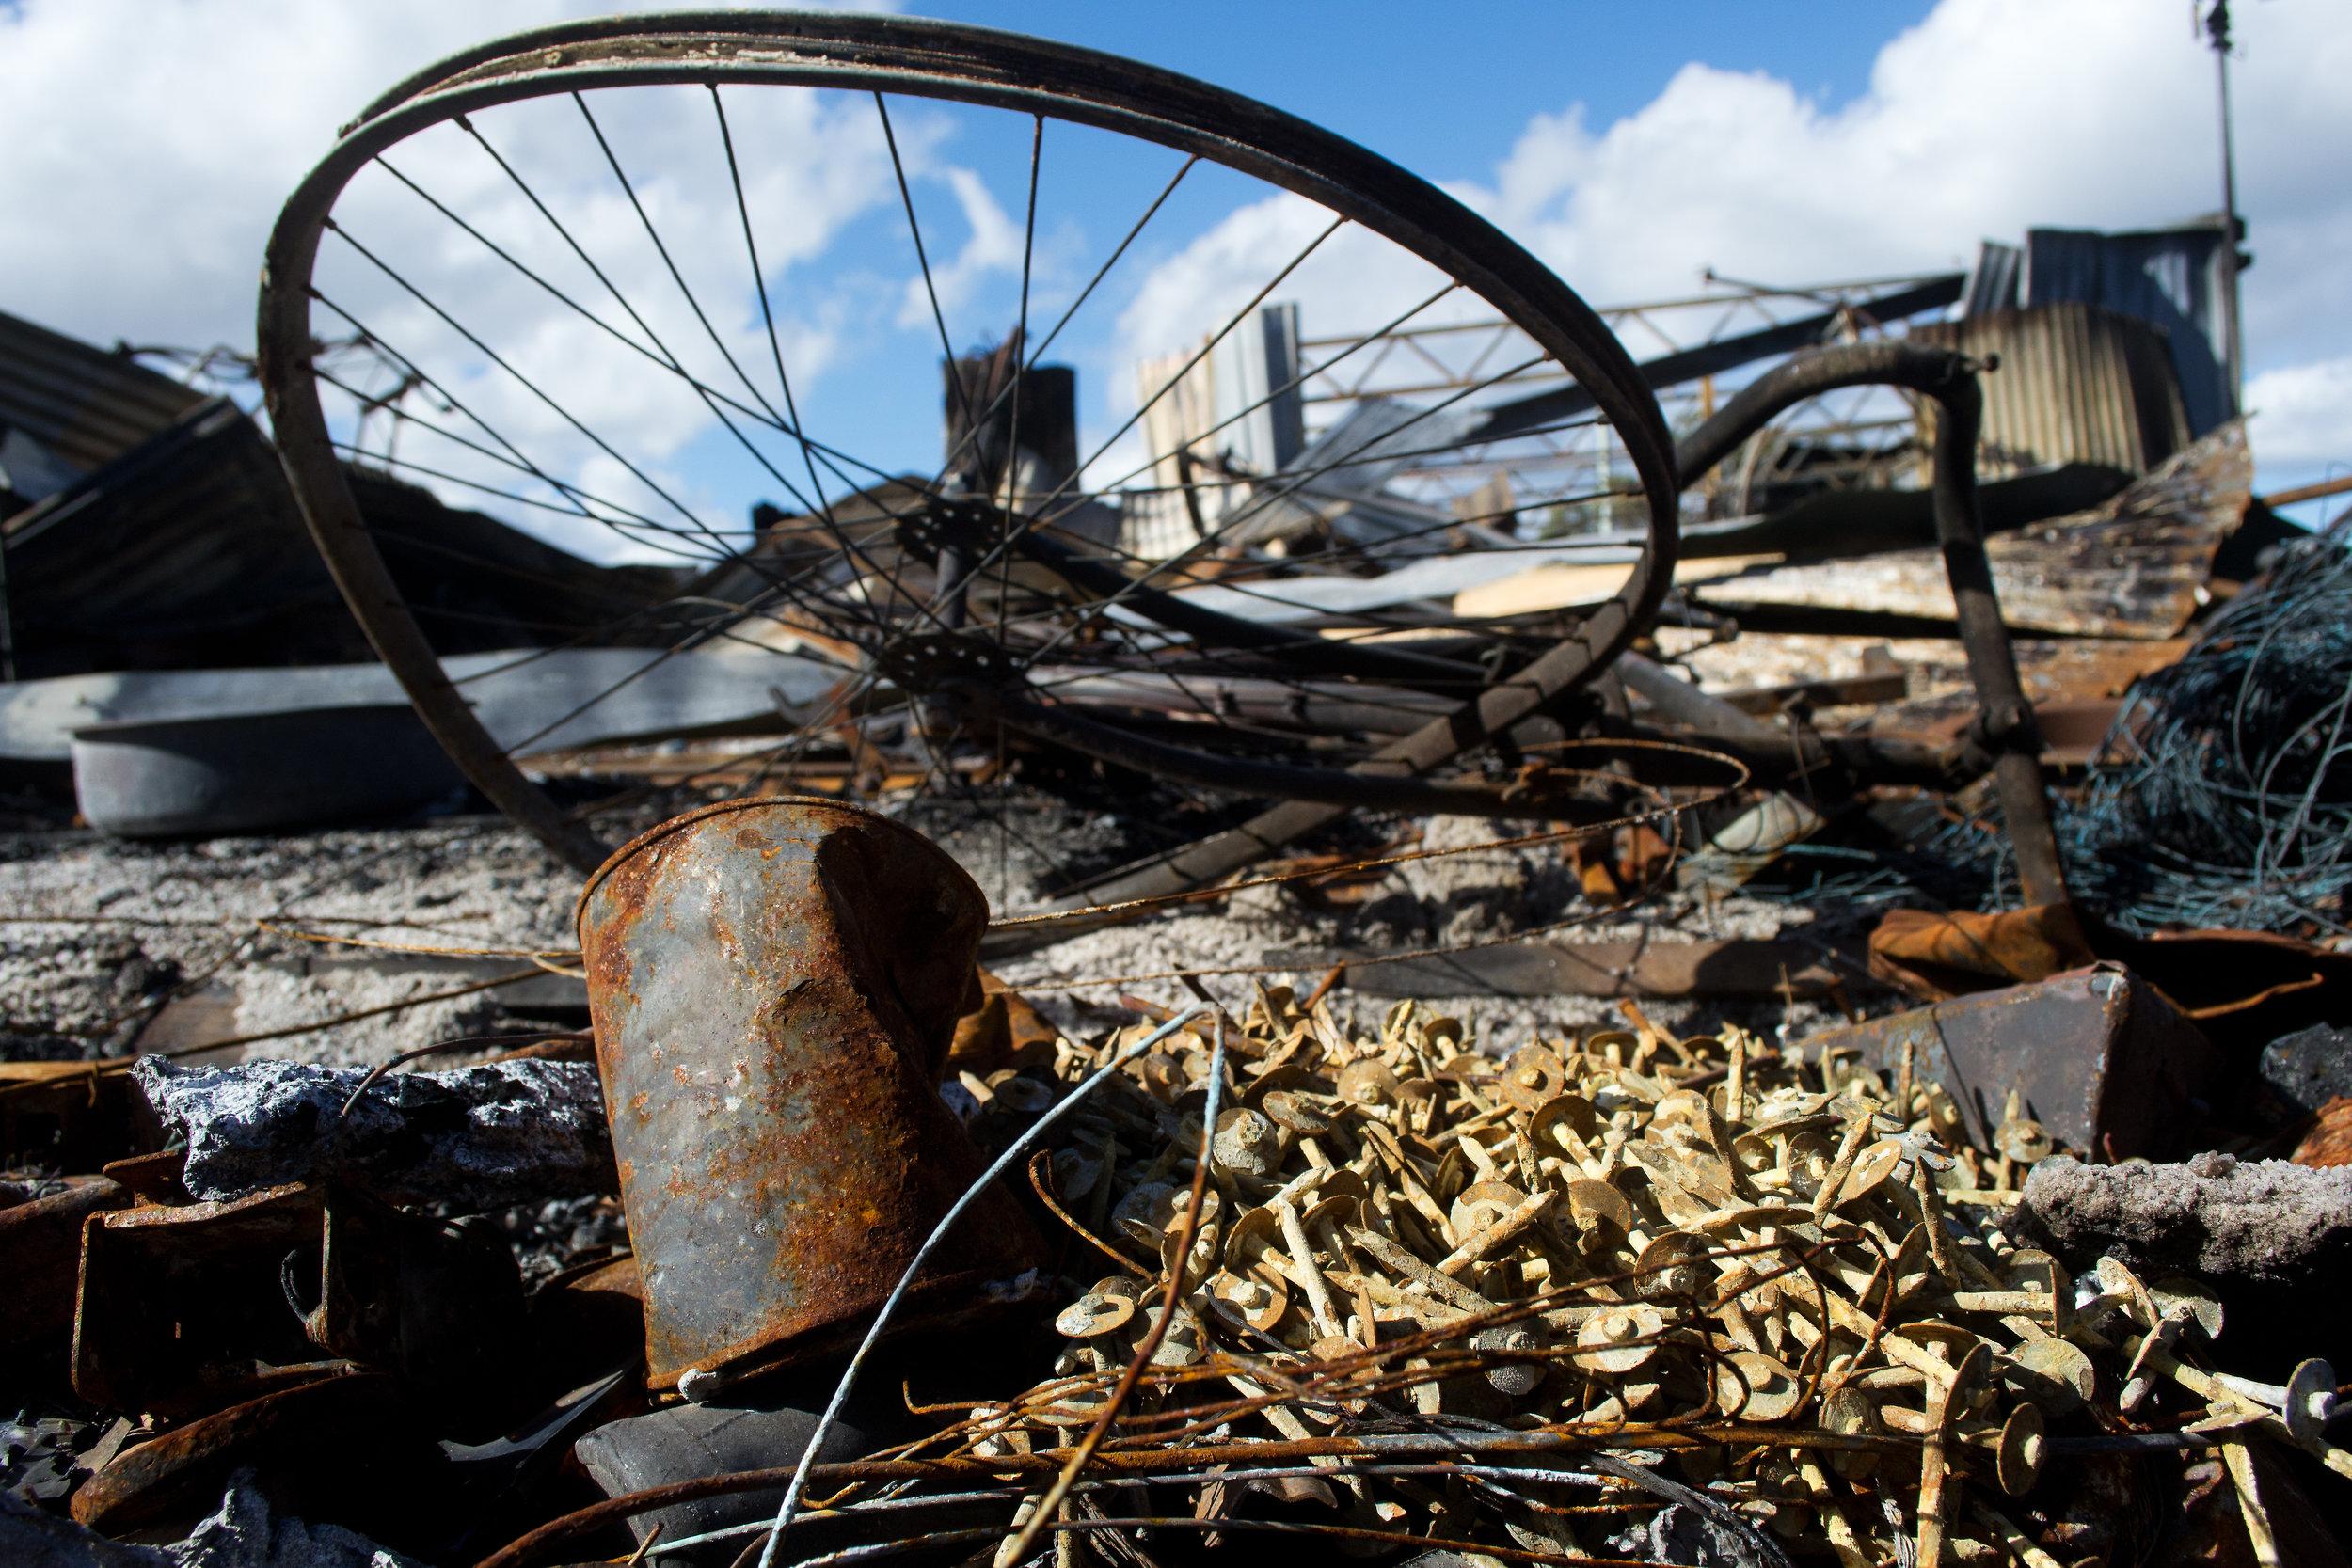 2013-02-28 - Tasmania - Dunalley after the fires - D3100  - DSC_0227.jpg